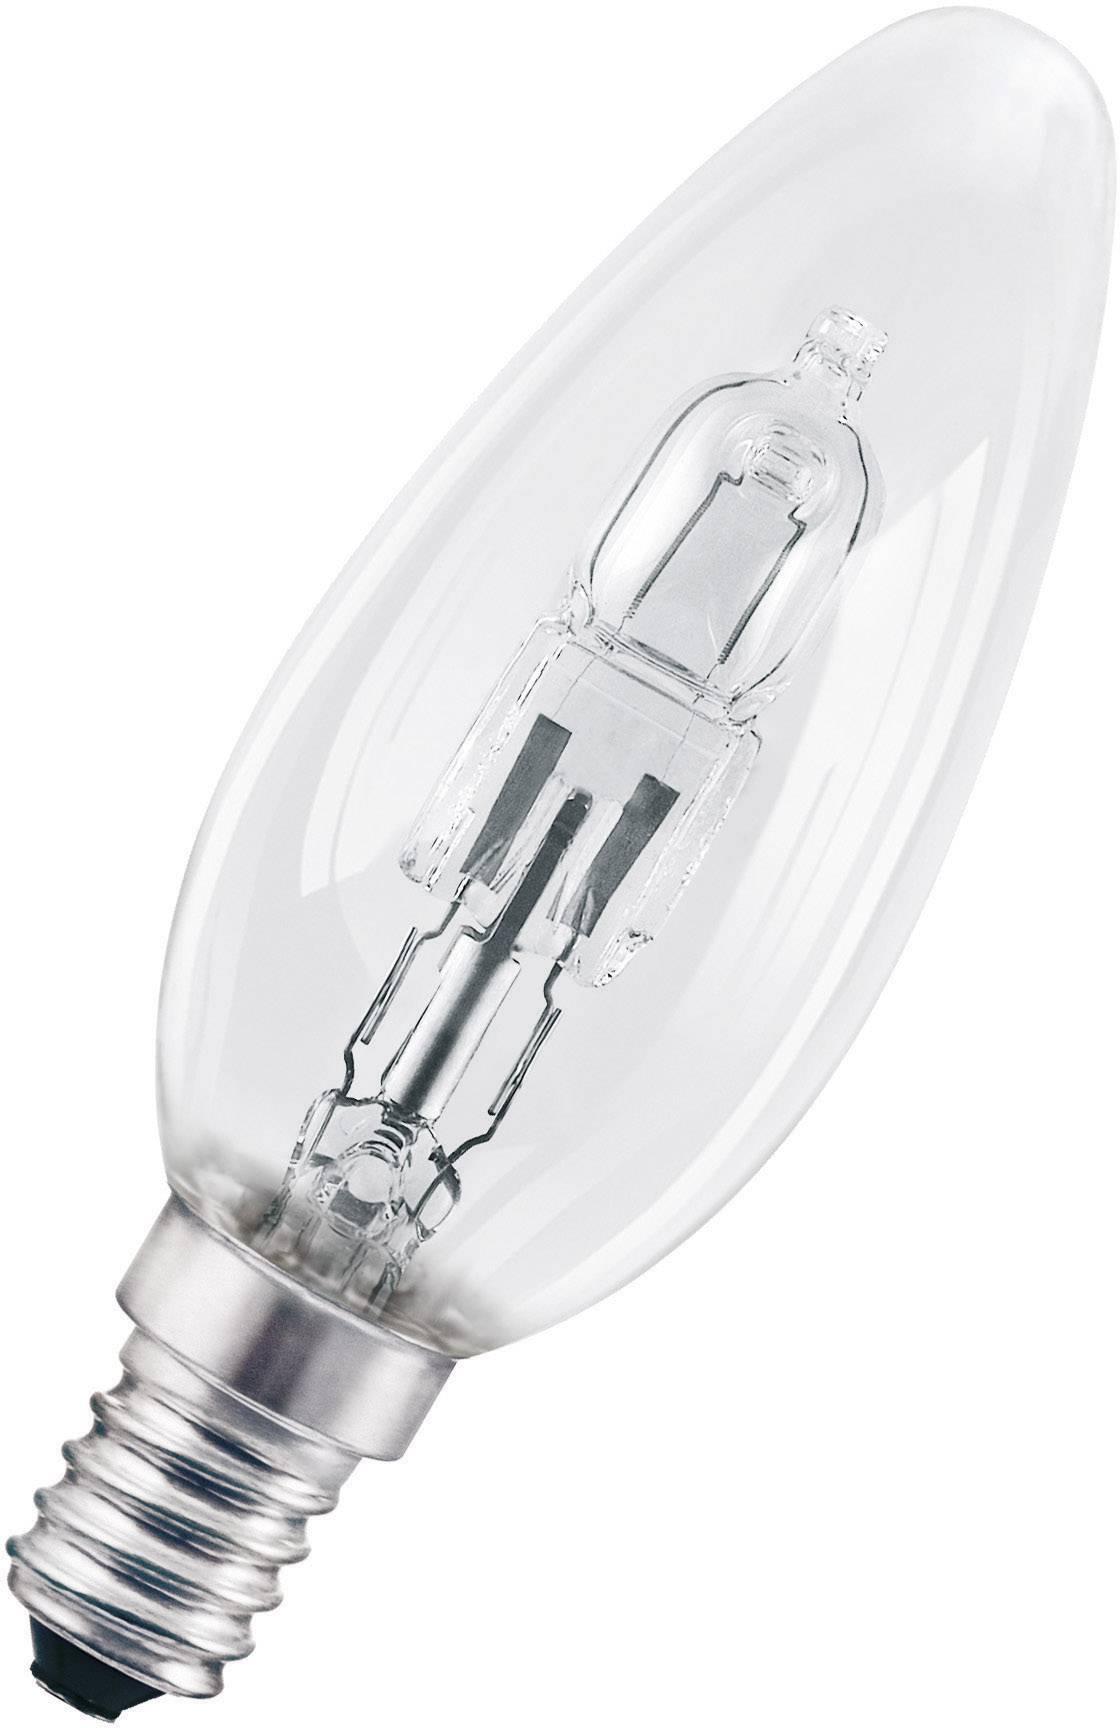 ECO halogénová žiarovka OSRAM 230 V, E14, 46 W, en.trieda: D, teplá biela, 1 ks